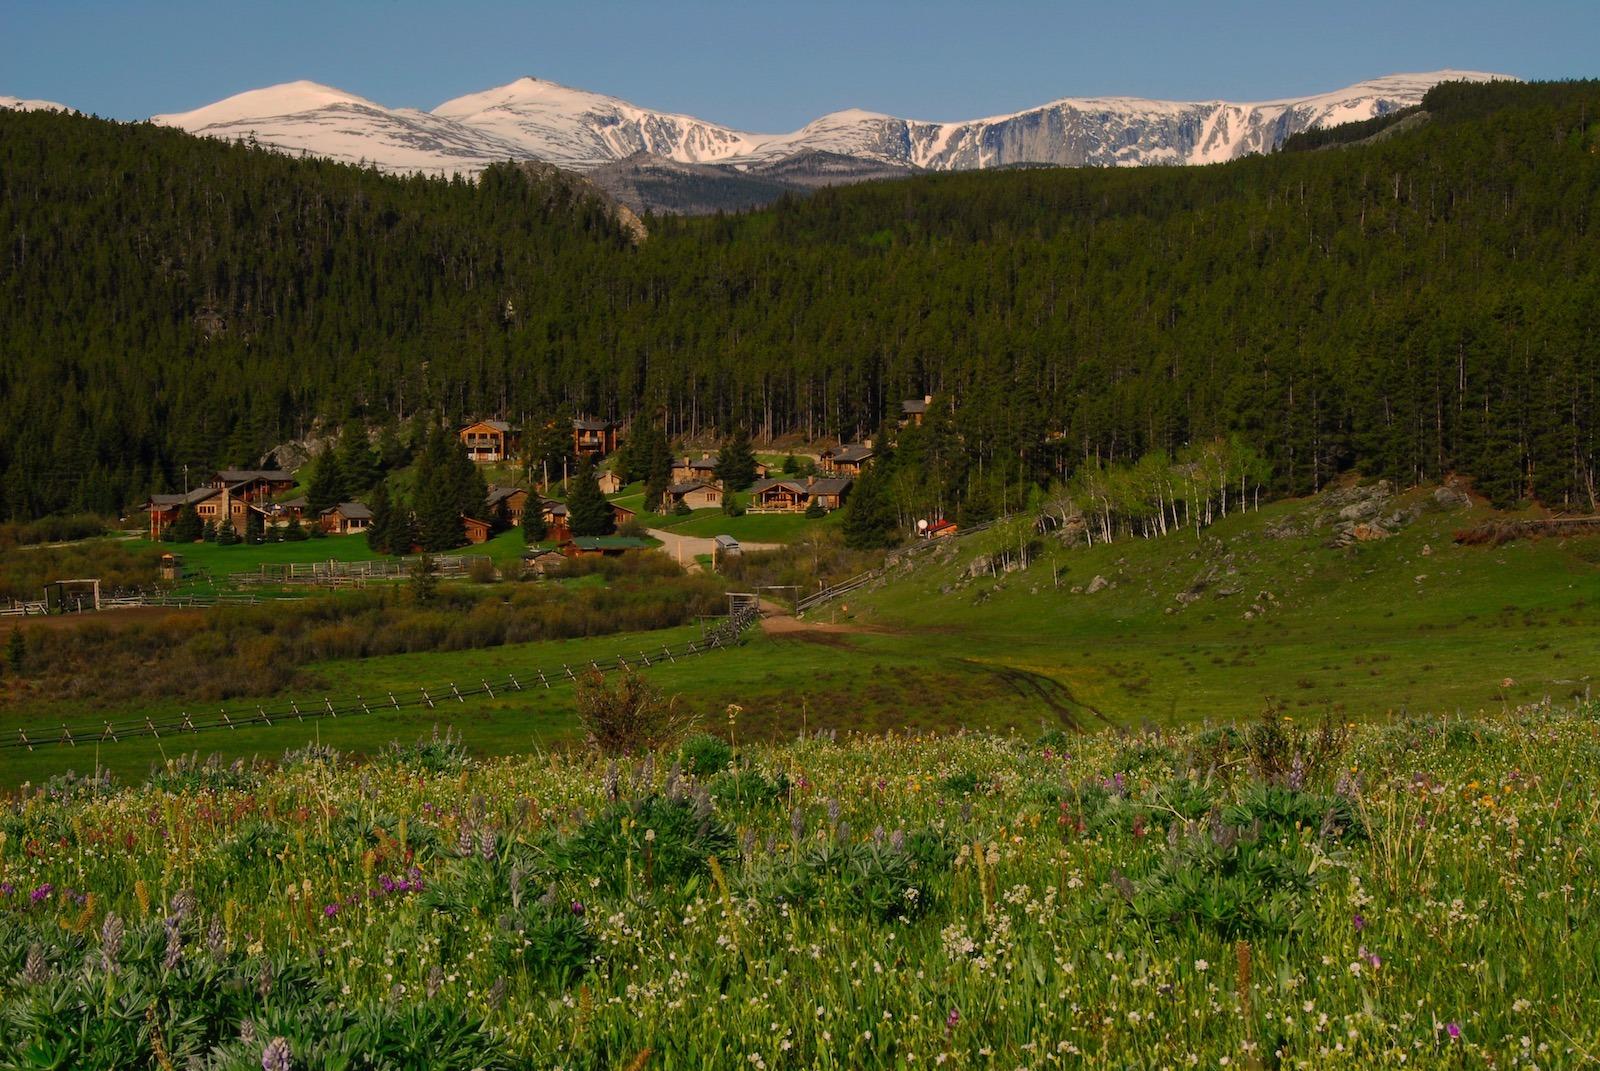 Views of Paradise, Wyoming